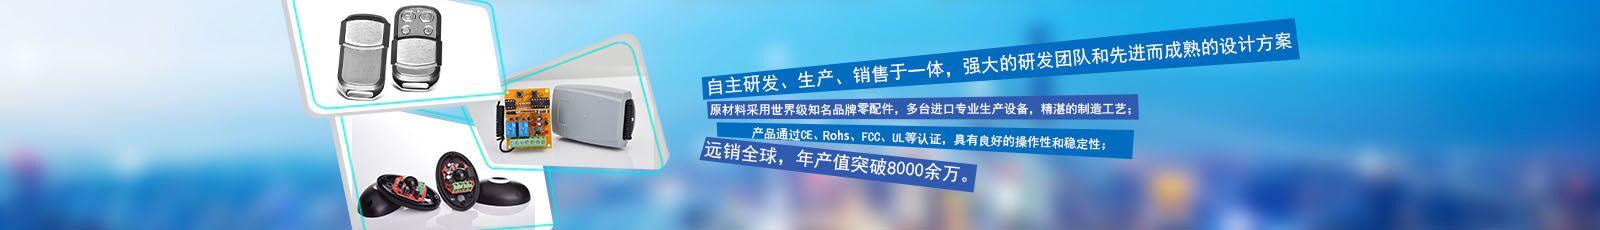 365游xi厅所有chan品均通过CE及欧盟RoHS环保指ling